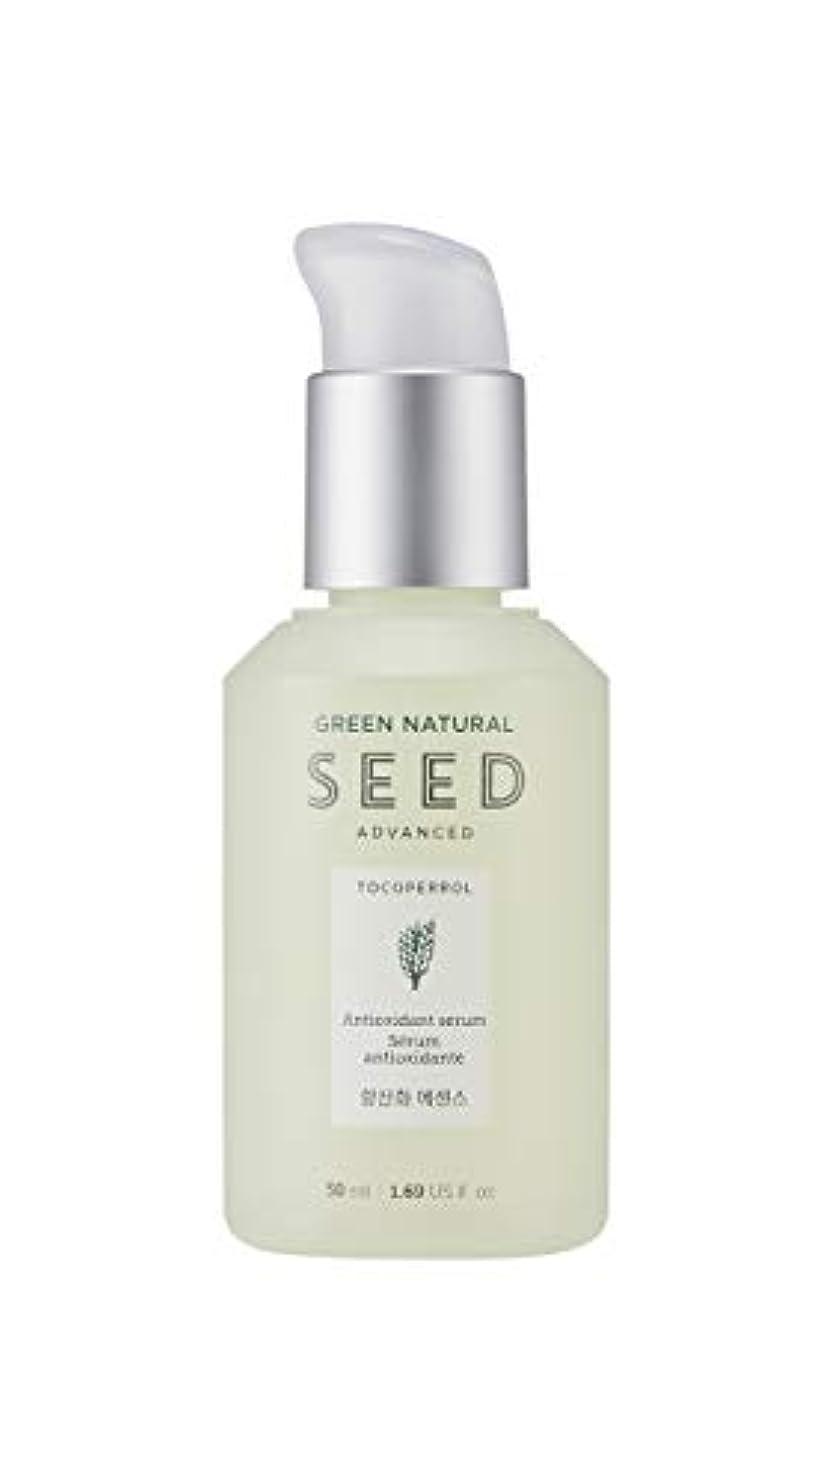 動かすパウダー牛[ザフェイスショップ]The Face Shop グリーンナチュラルシード抗-酸化セラム50ml Green Natural Seed An-tioxidant Serum 50ml [海外直送品]